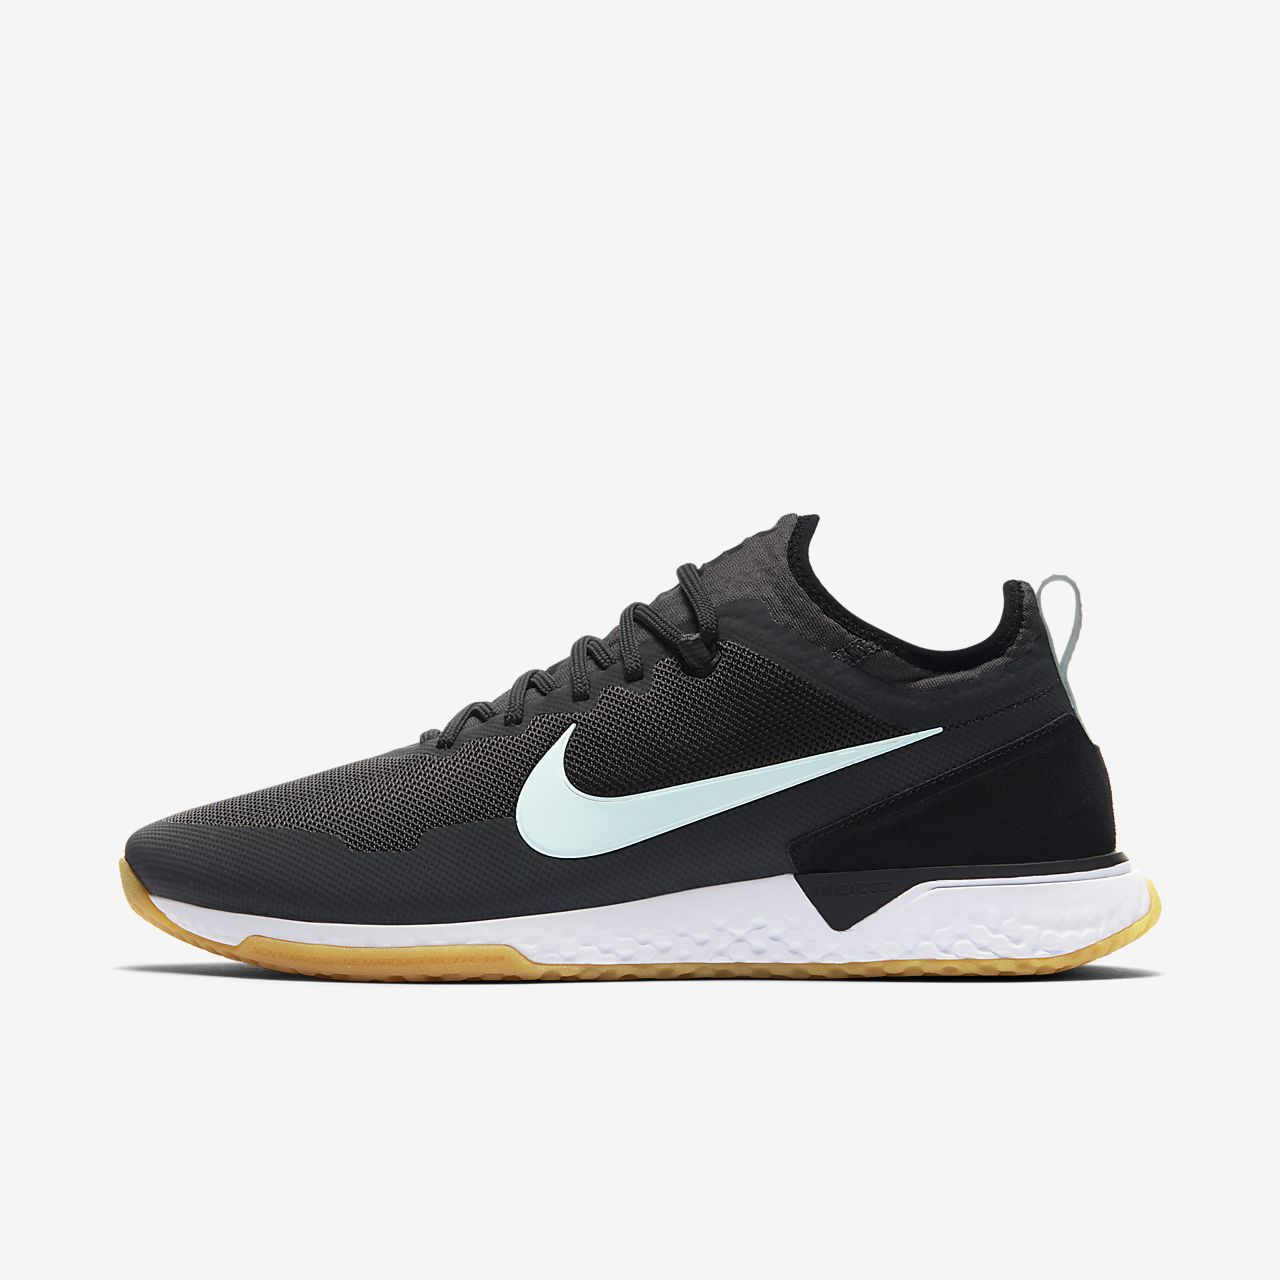 Nike F.C. Fußballschuh